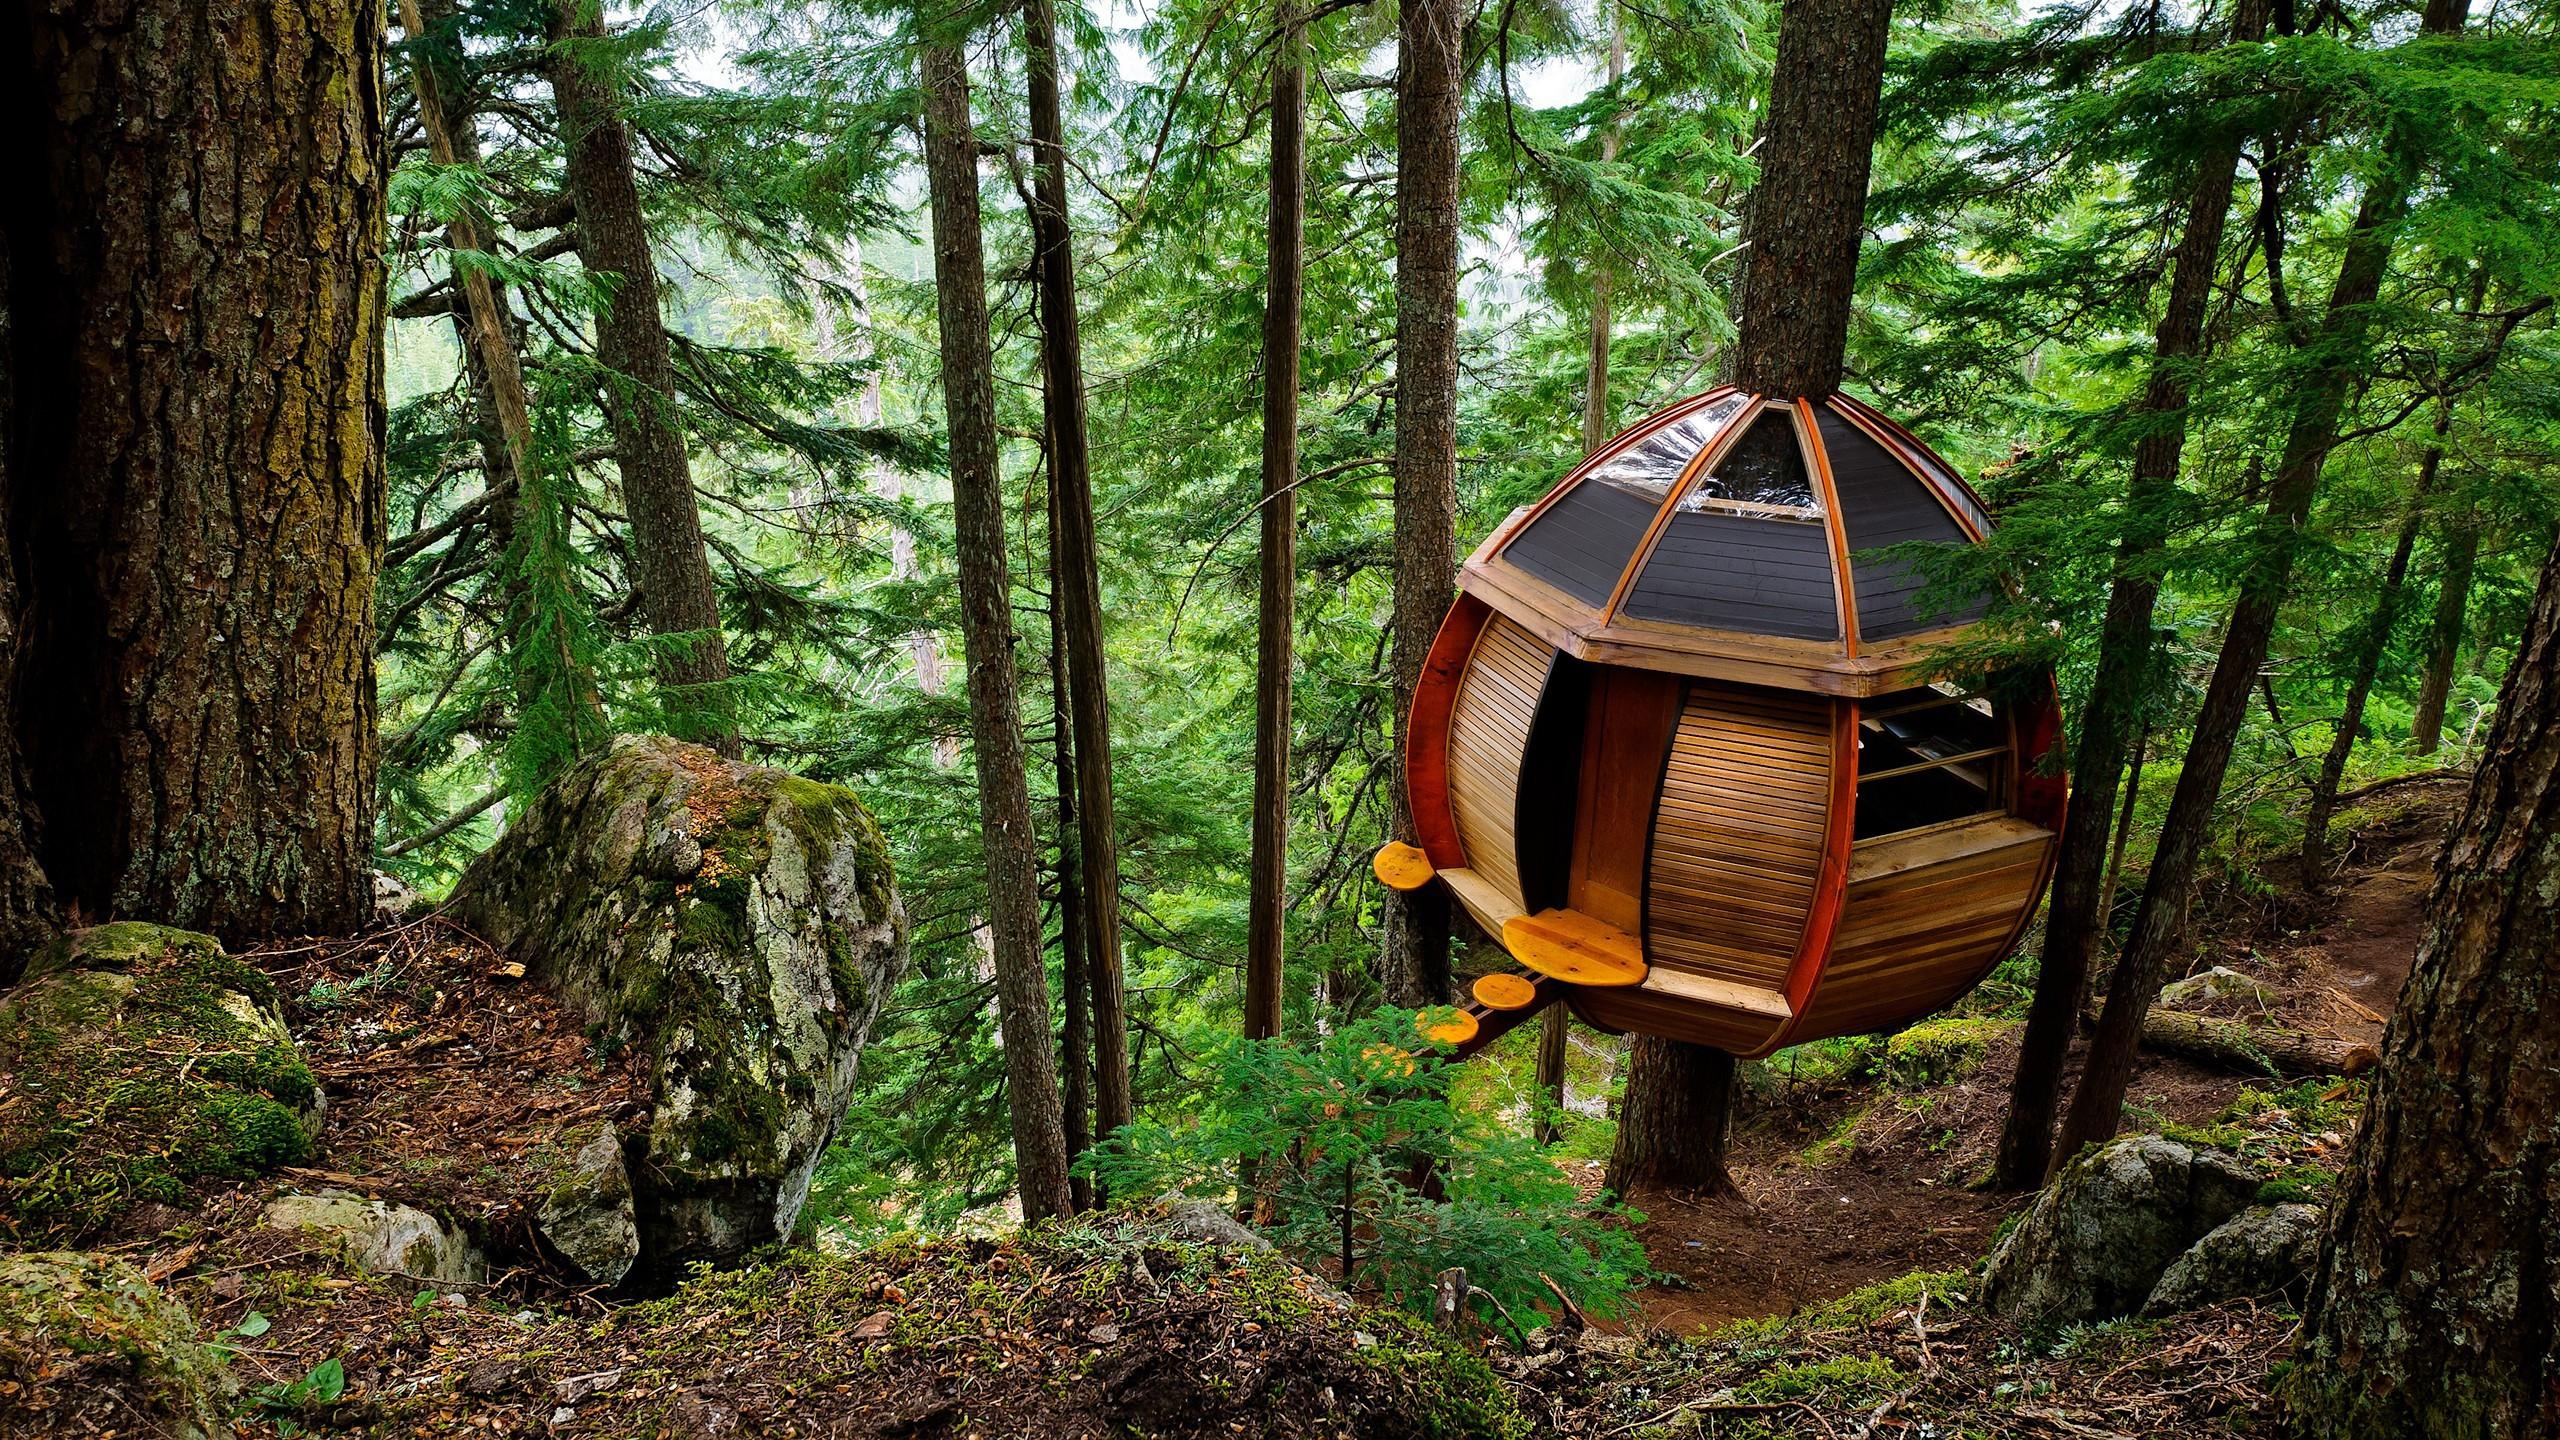 марс часто дом на дереве в лесу фото преобразует